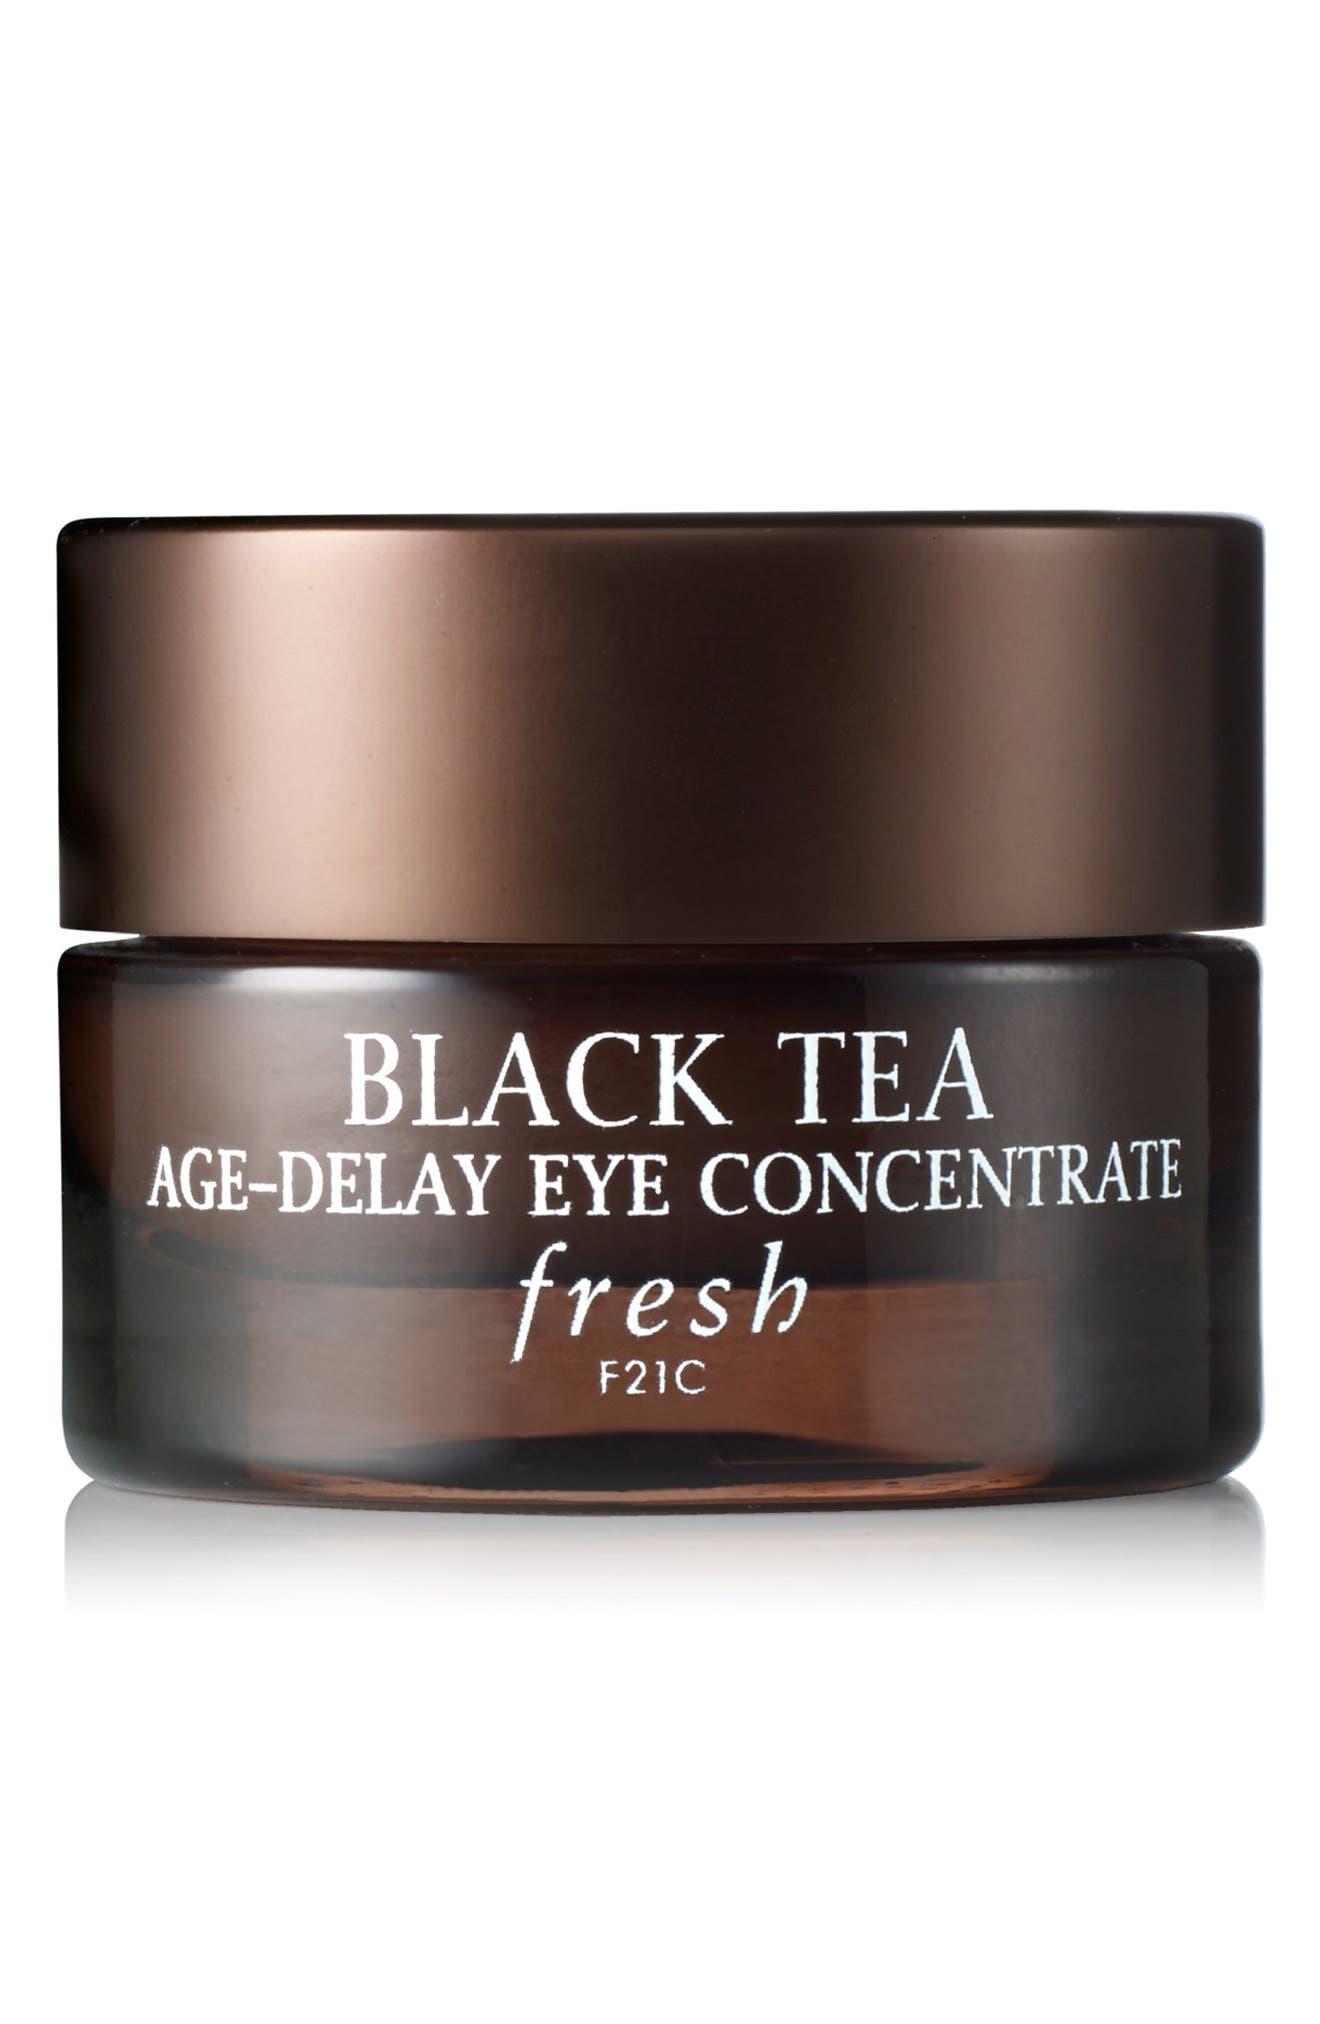 Black Tea Age-Delay Eye Concentrate Cream   Nordstrom